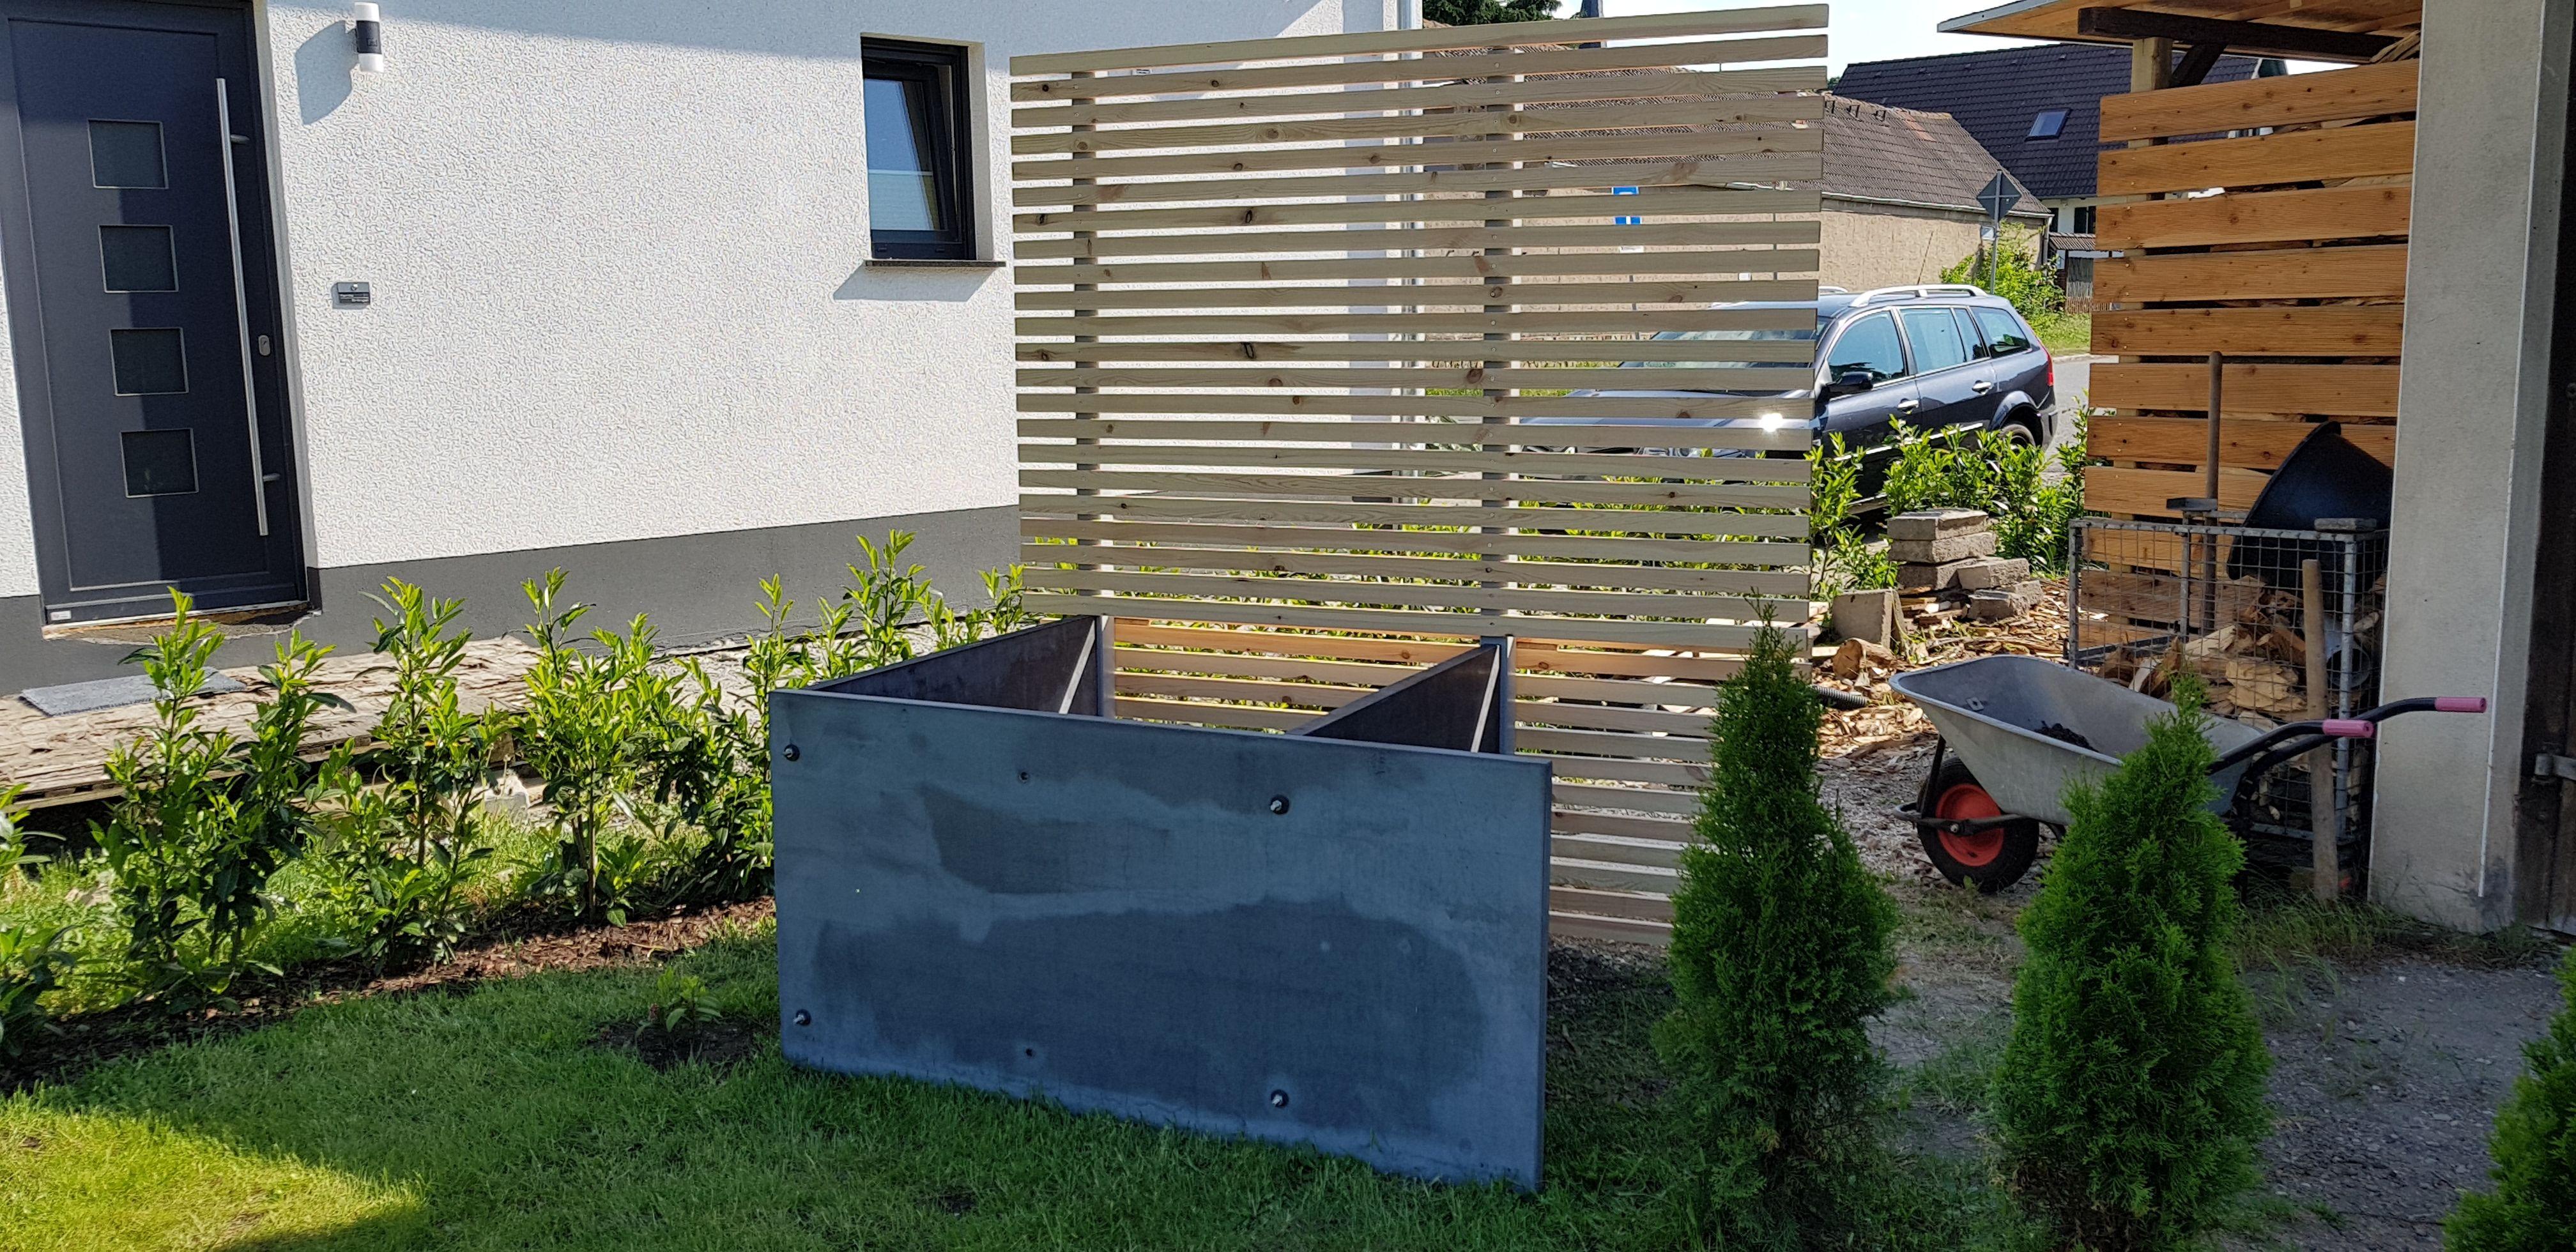 hochbeet-beton & holzsichtschutz eigenbau,-idee | sichtschutz